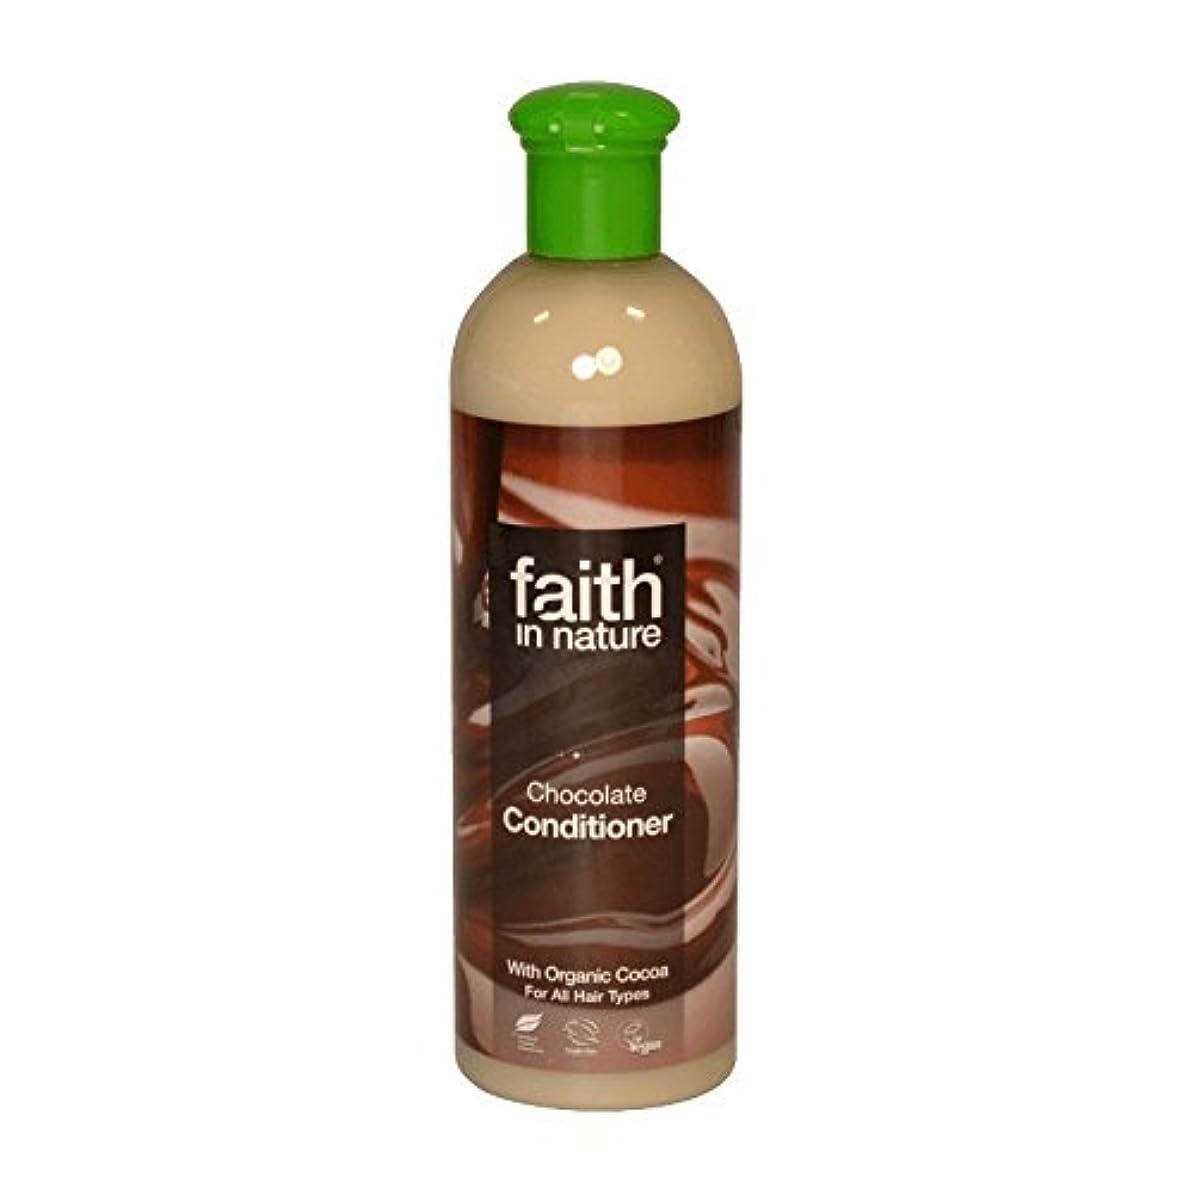 第五恐ろしいドナーFaith In Nature Chocolate Conditioner 400ml (Pack of 2) - 自然チョコレートコンディショナー400ミリリットルの信仰 (x2) [並行輸入品]